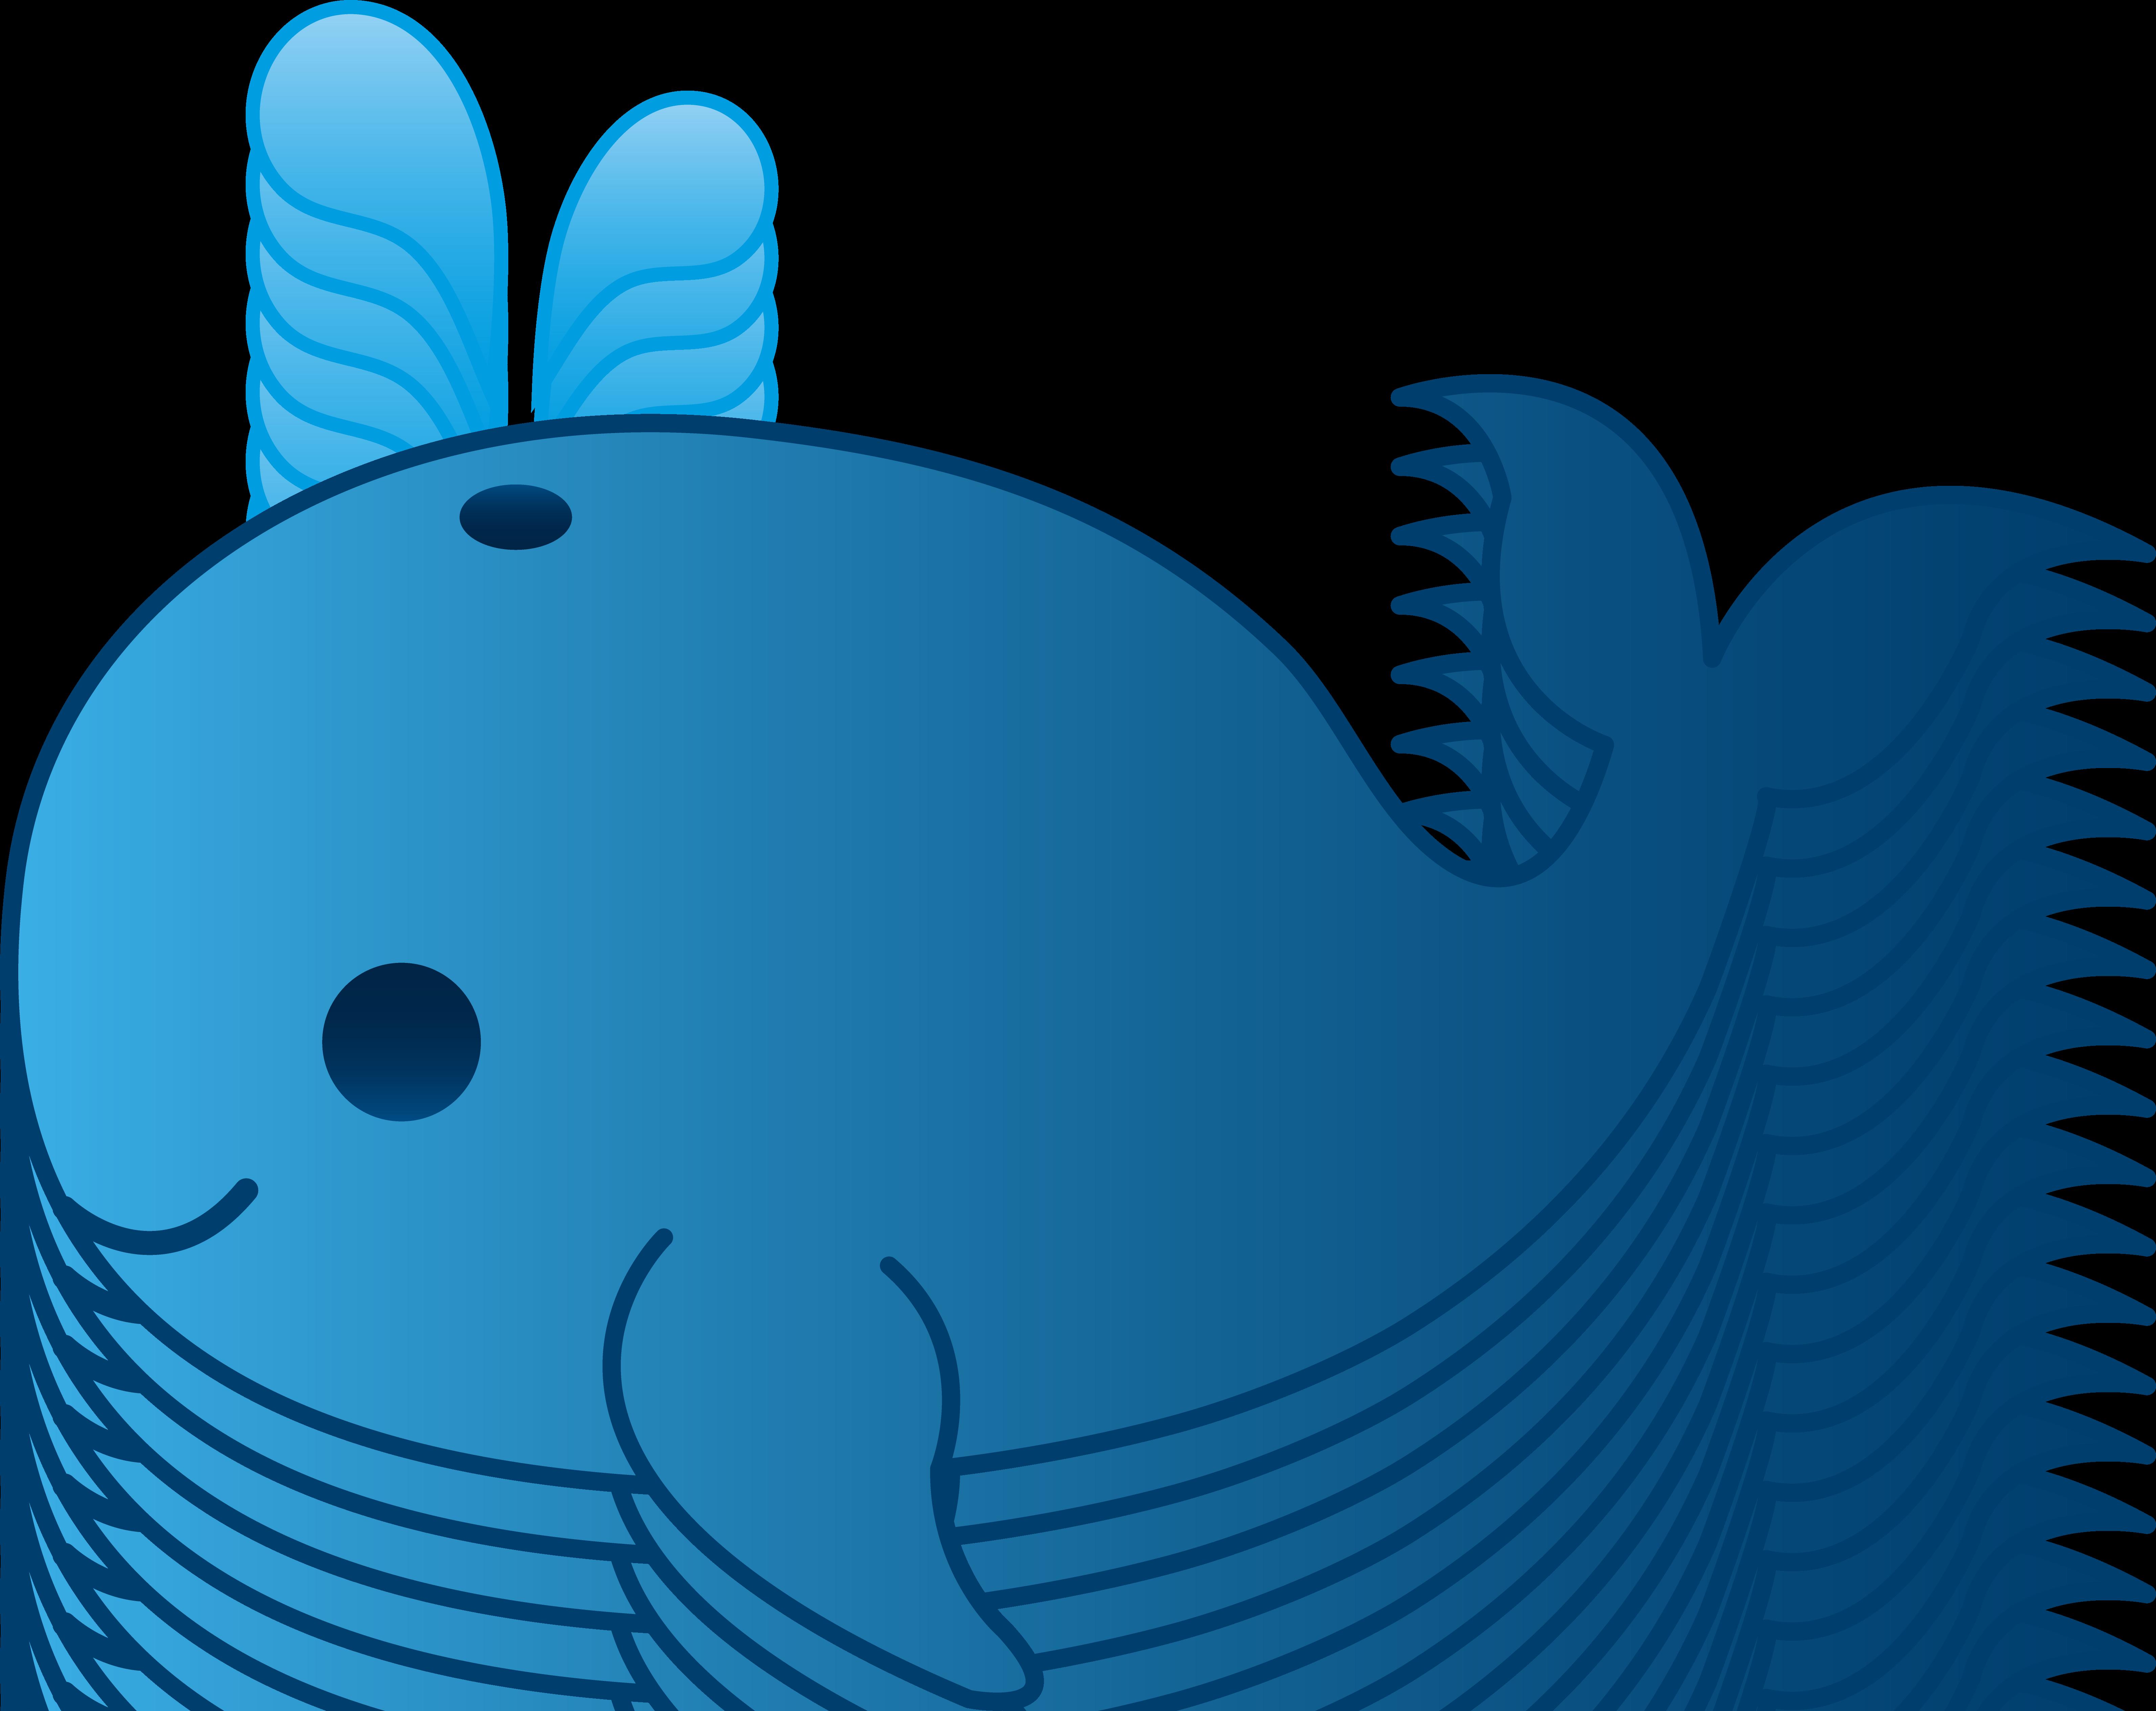 cartoon whale clipart clipartfest whale pinterest clip art rh pinterest com Humpback Whale Silhouette Humpback Whale Birth